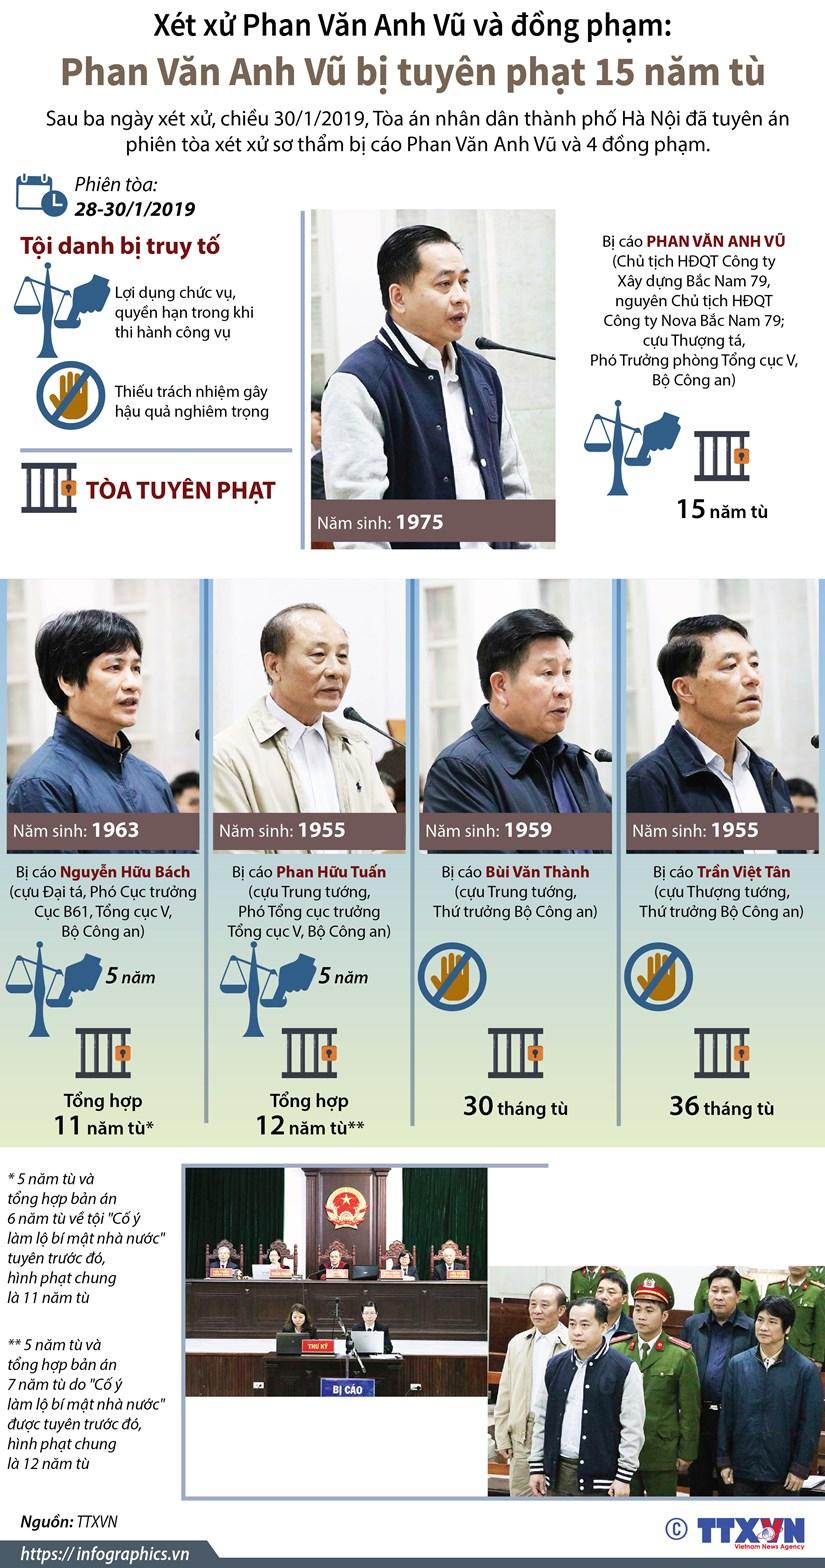 """[Infographics] Nhung an phat Vu """"nhom' va dong pham phai nhan hinh anh 1"""